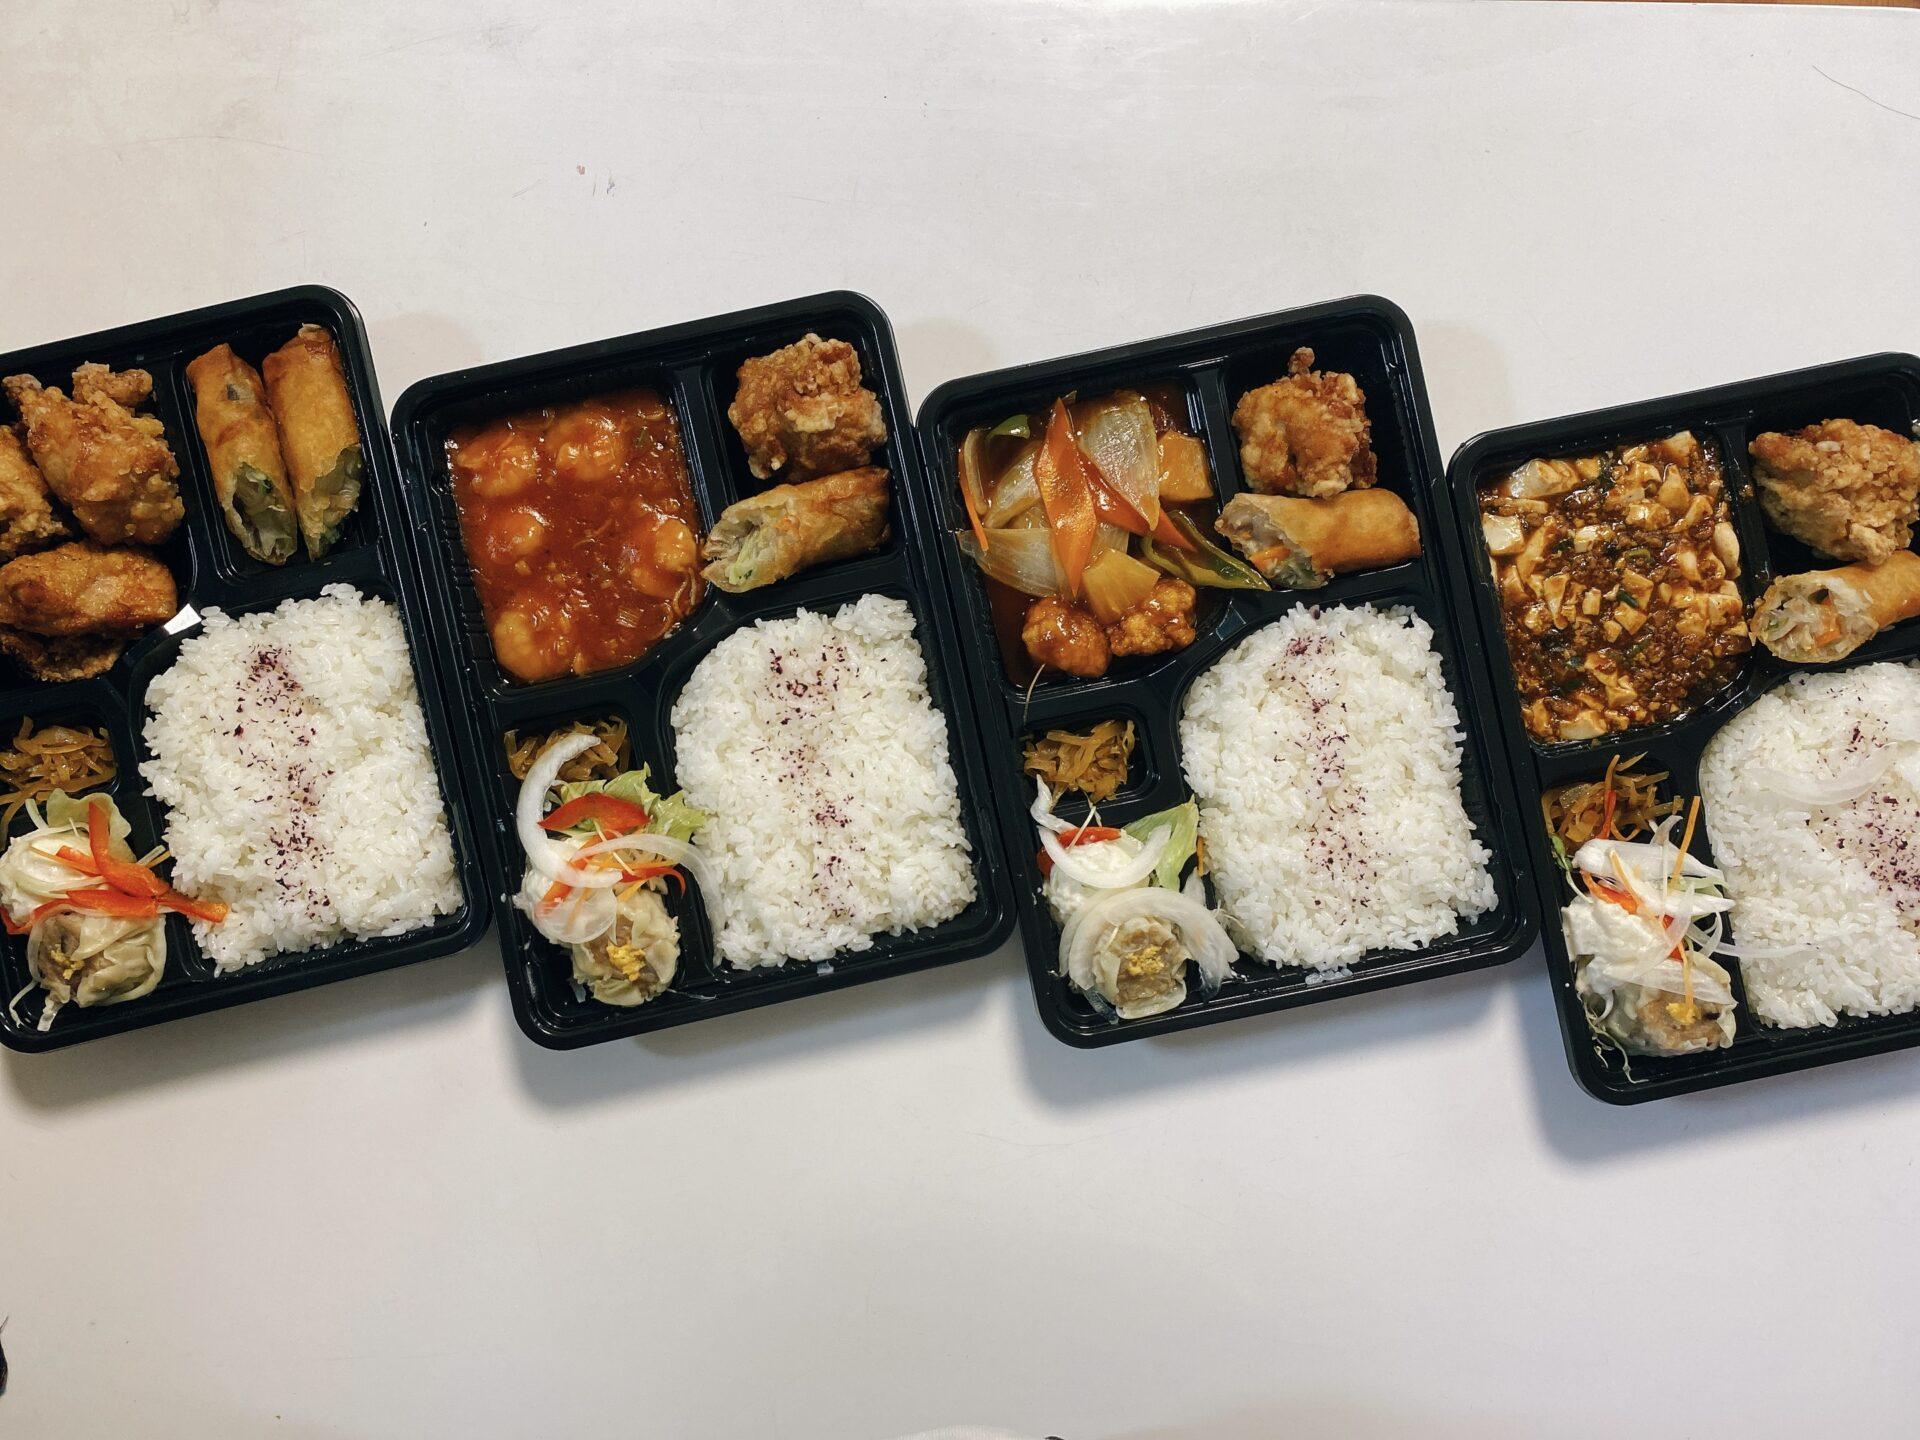 【岡山市東区のテイクアウト】香港厨房(ホンコンキッチン)の弁当で本格的中華ランチを自宅で!